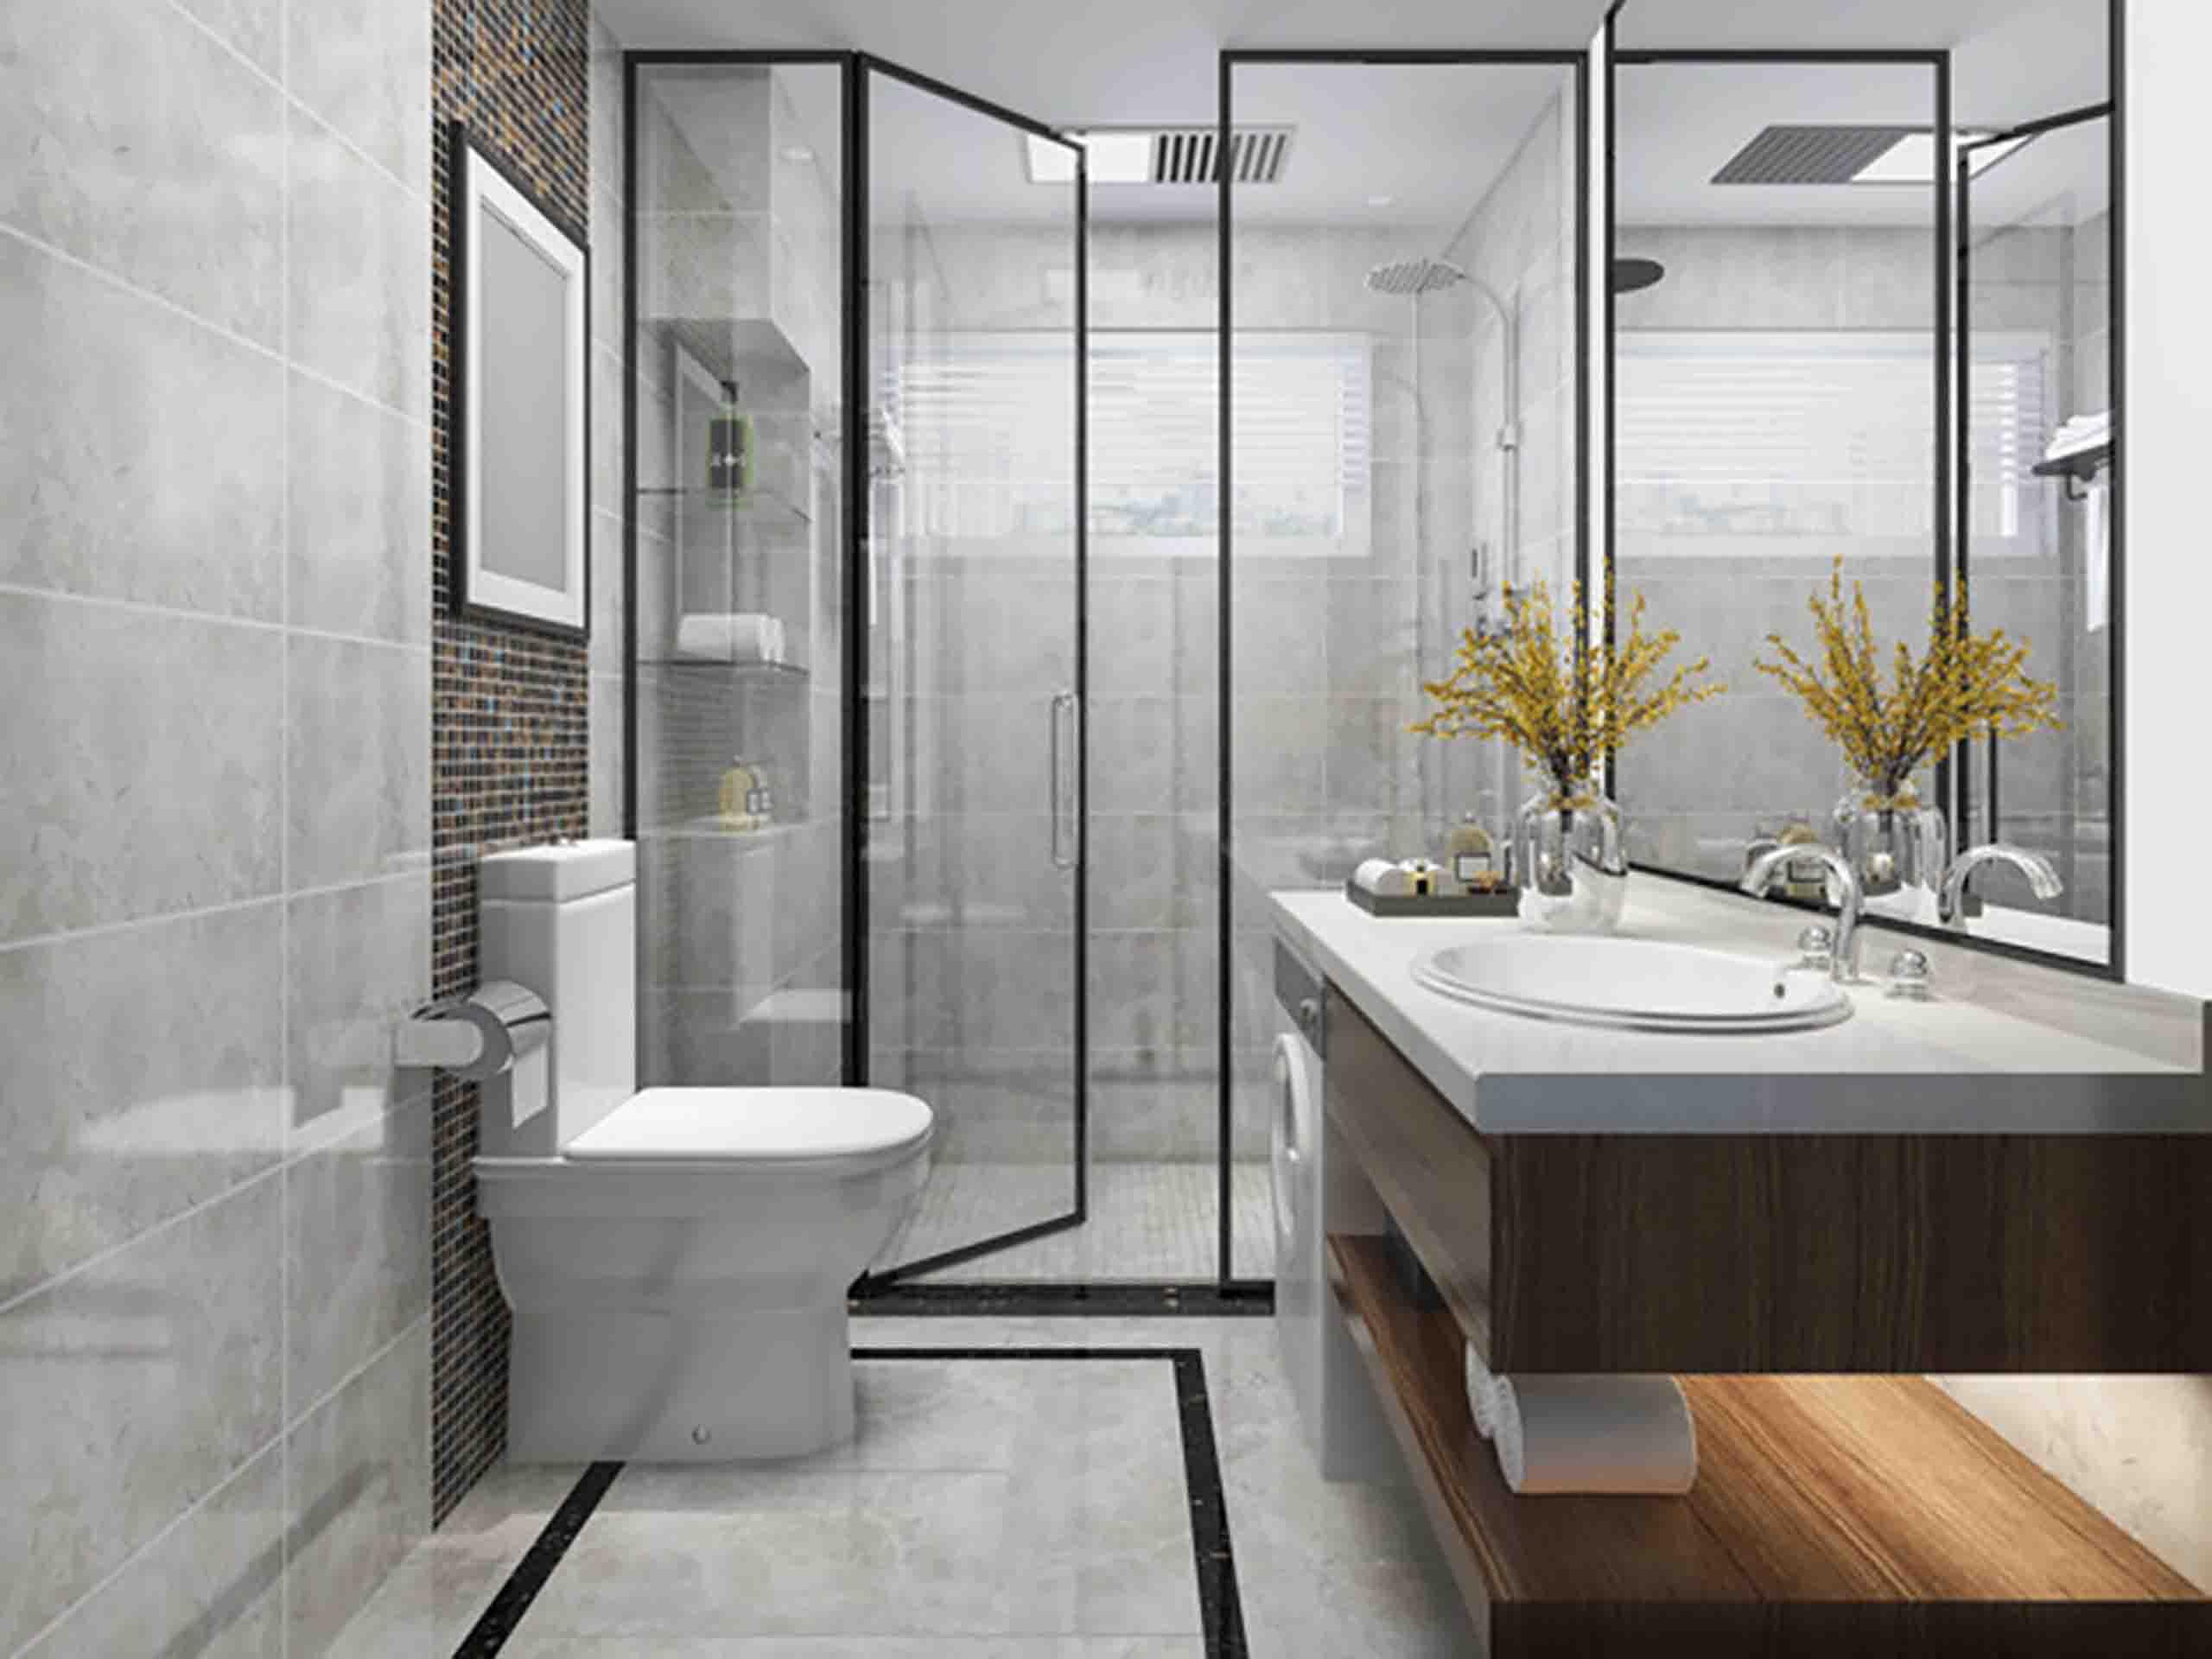 Виготовлення душових кабінок із цілысного скла